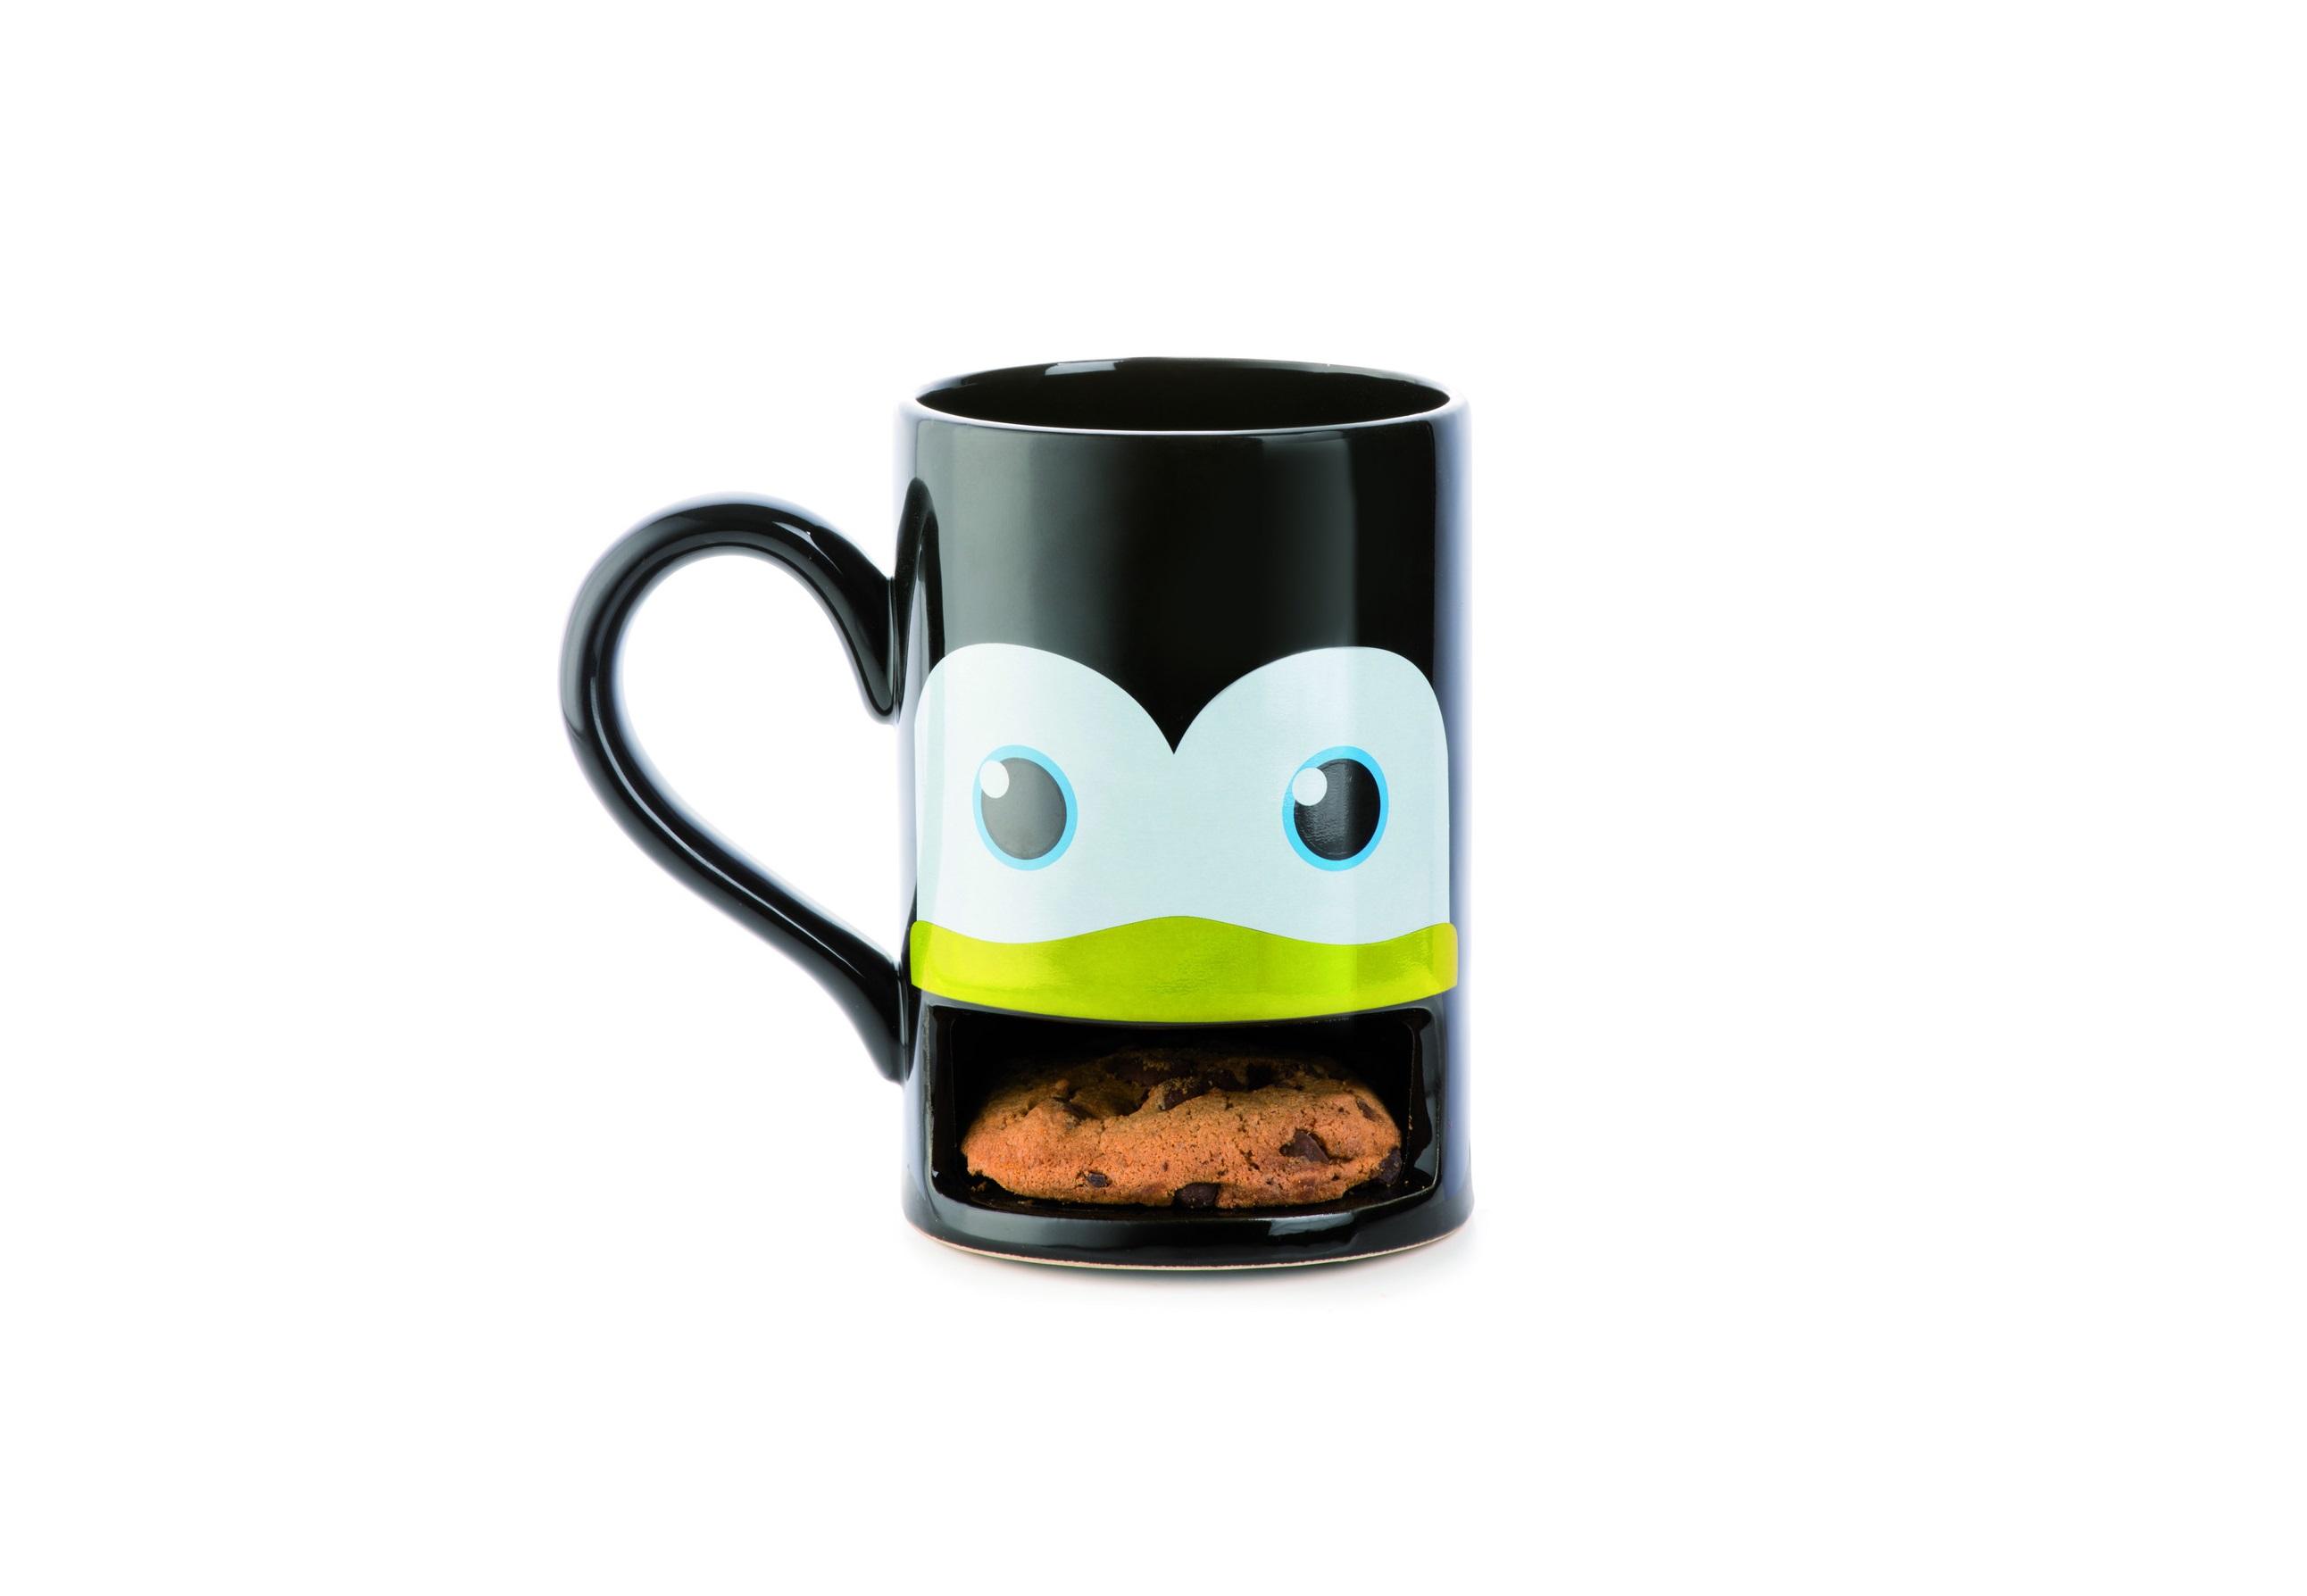 Кружка с отделением для печеньяЧайные пары, чашки и кружки<br>Кружка с отделением для печенья высотой 3 см.<br><br>Material: Камень<br>Width см: 13.5<br>Depth см: 8.3<br>Height см: 11.7